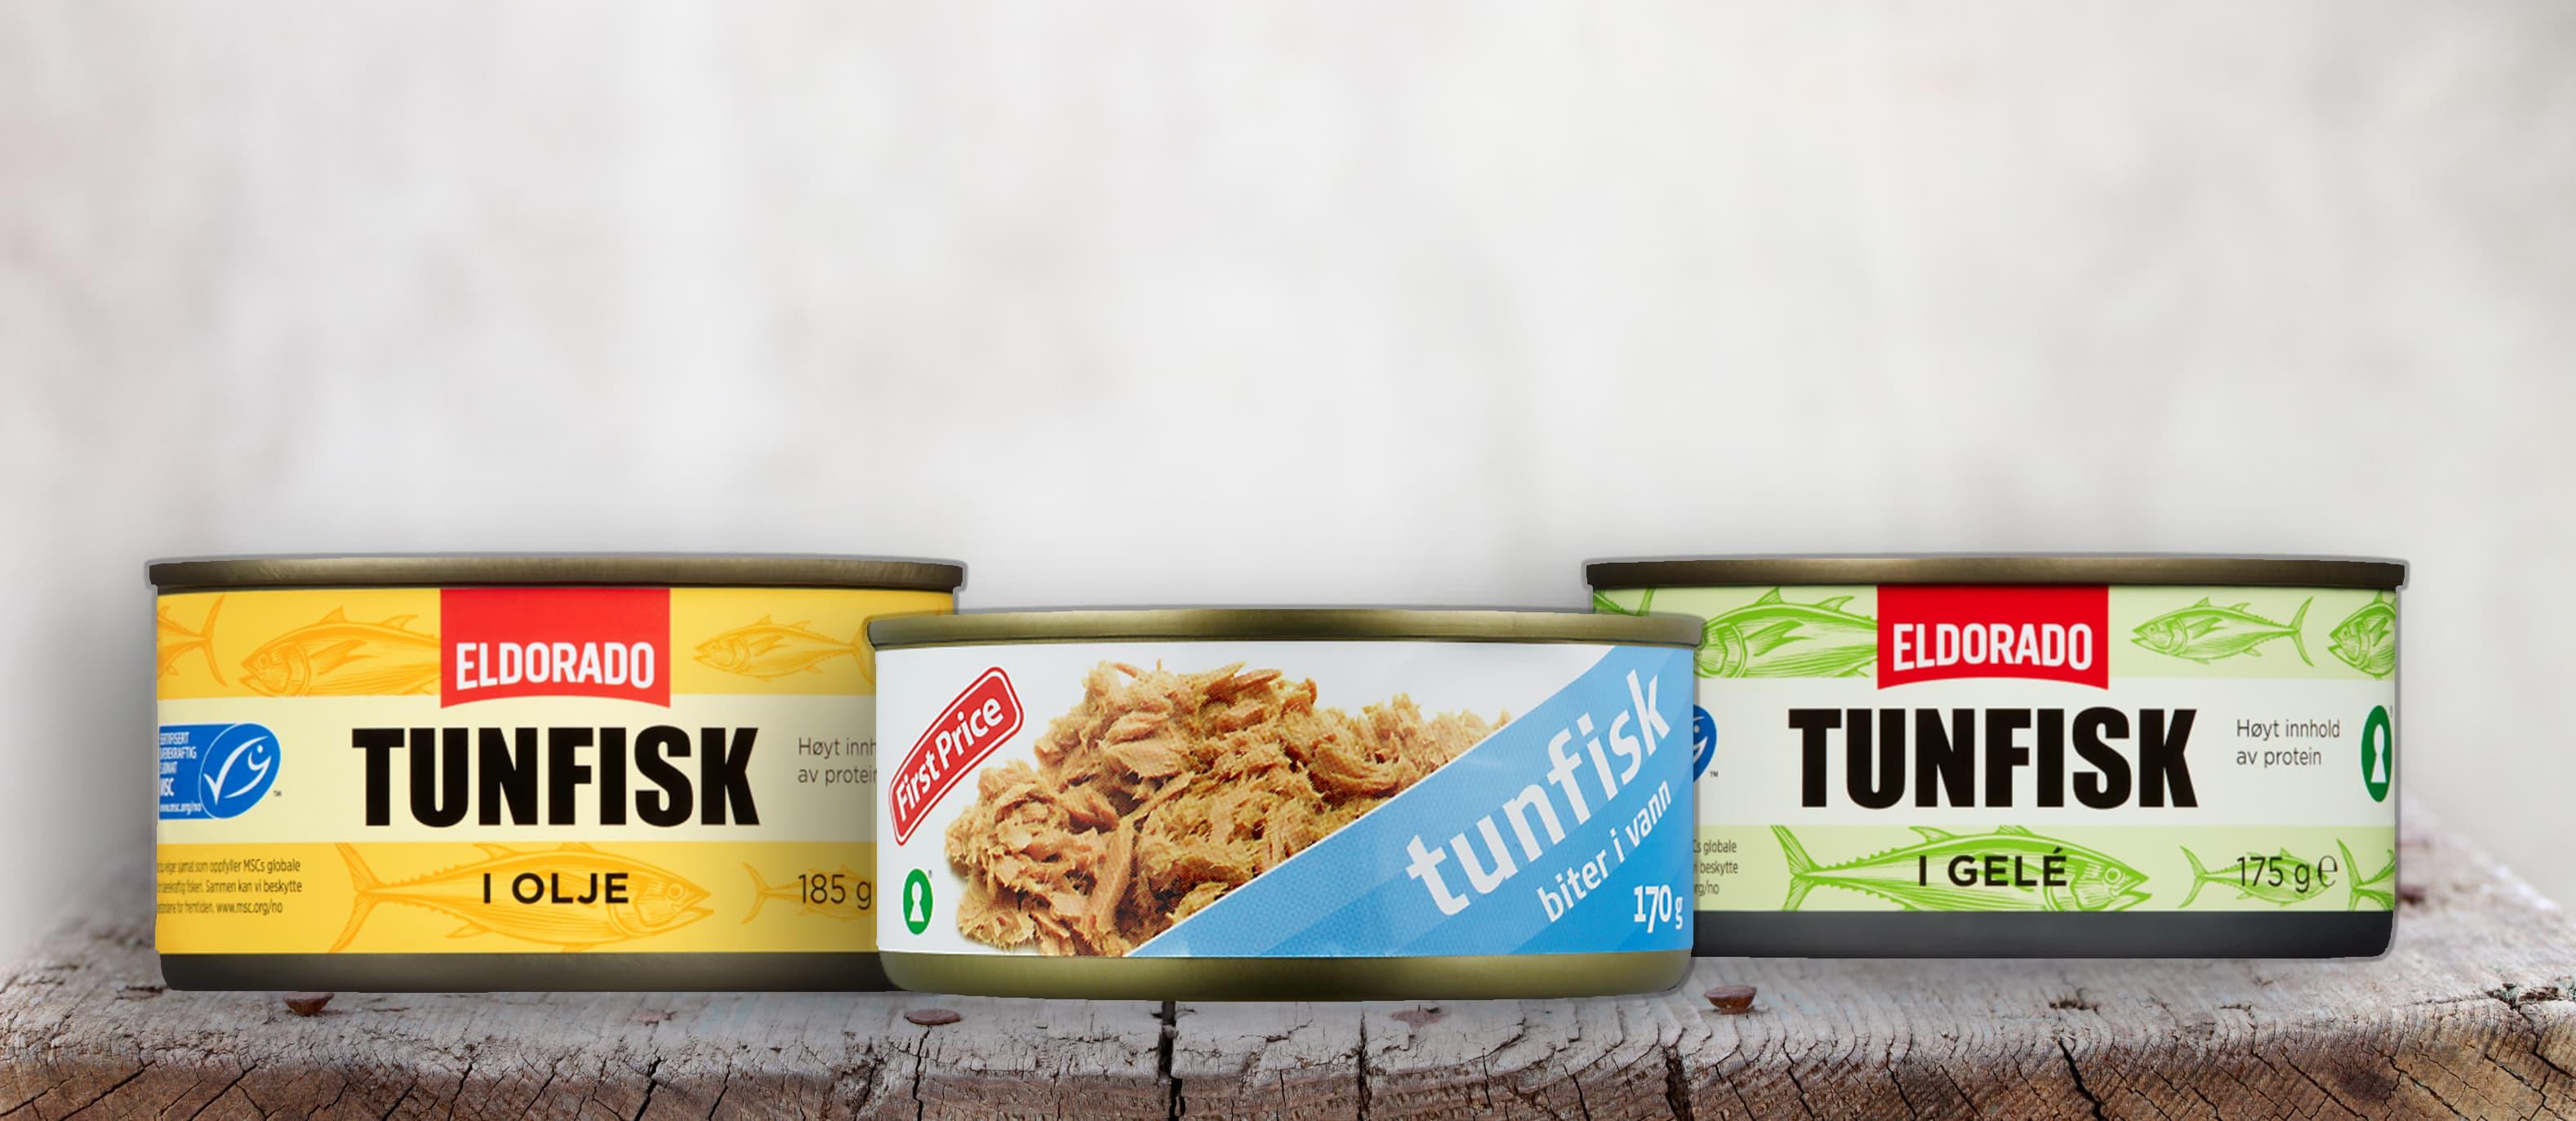 Både First Price og Eldorado tunfisk i boks er nå MSC-merket.